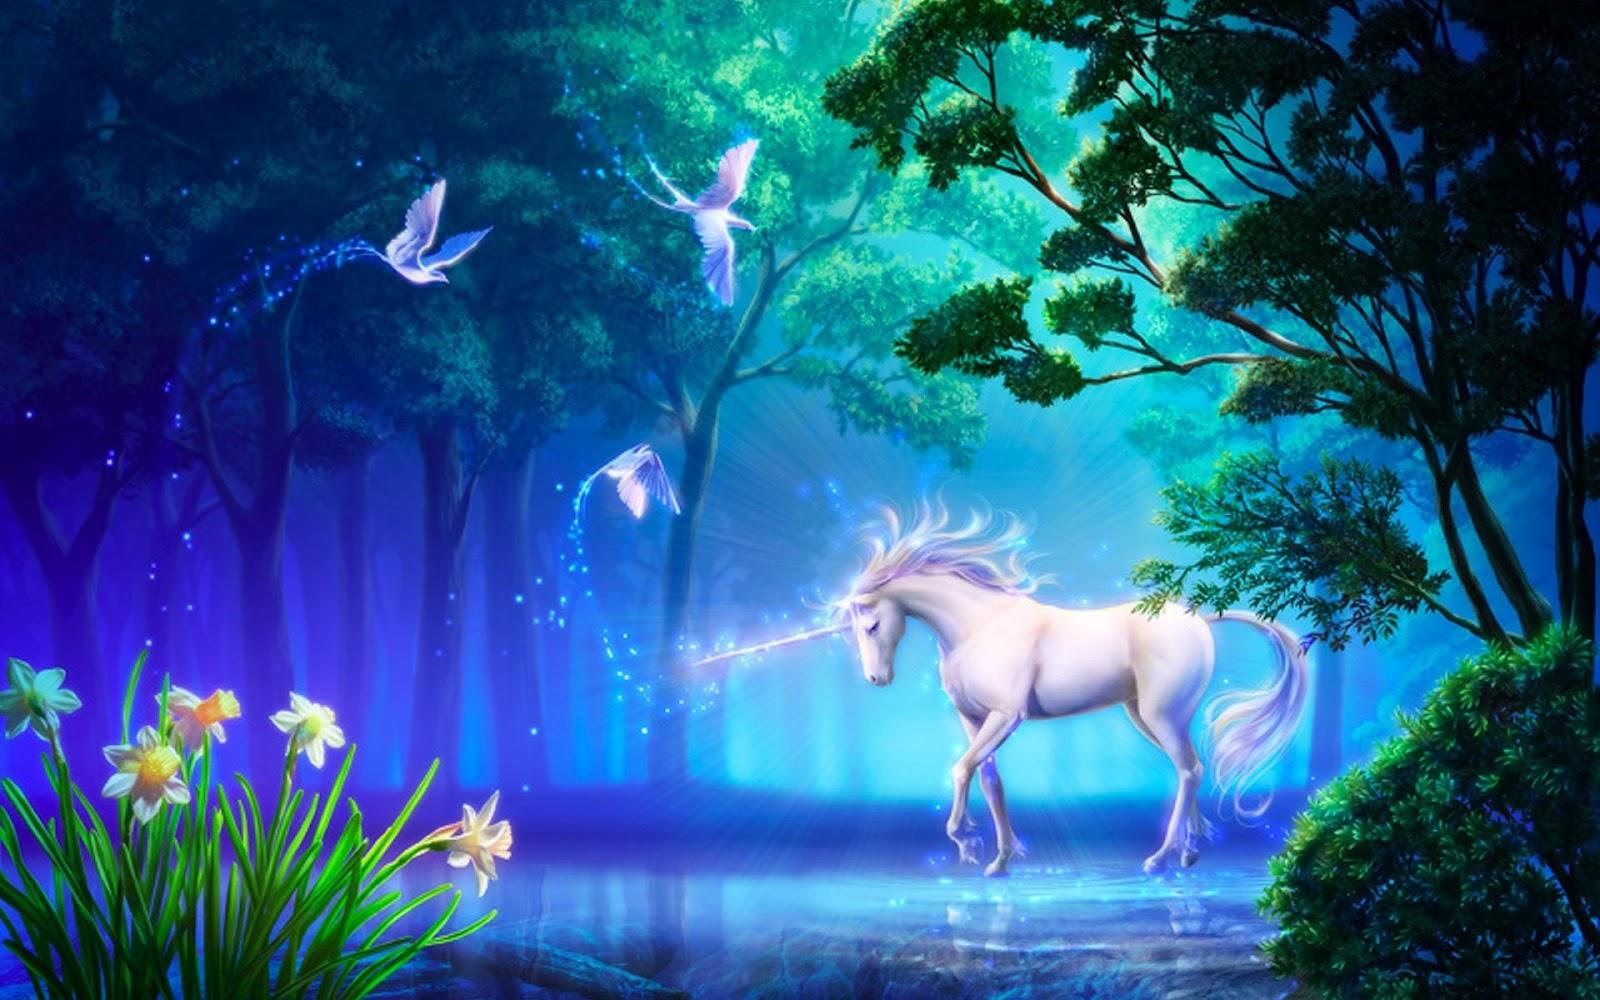 Nature Stories: Unicorns and Fairies